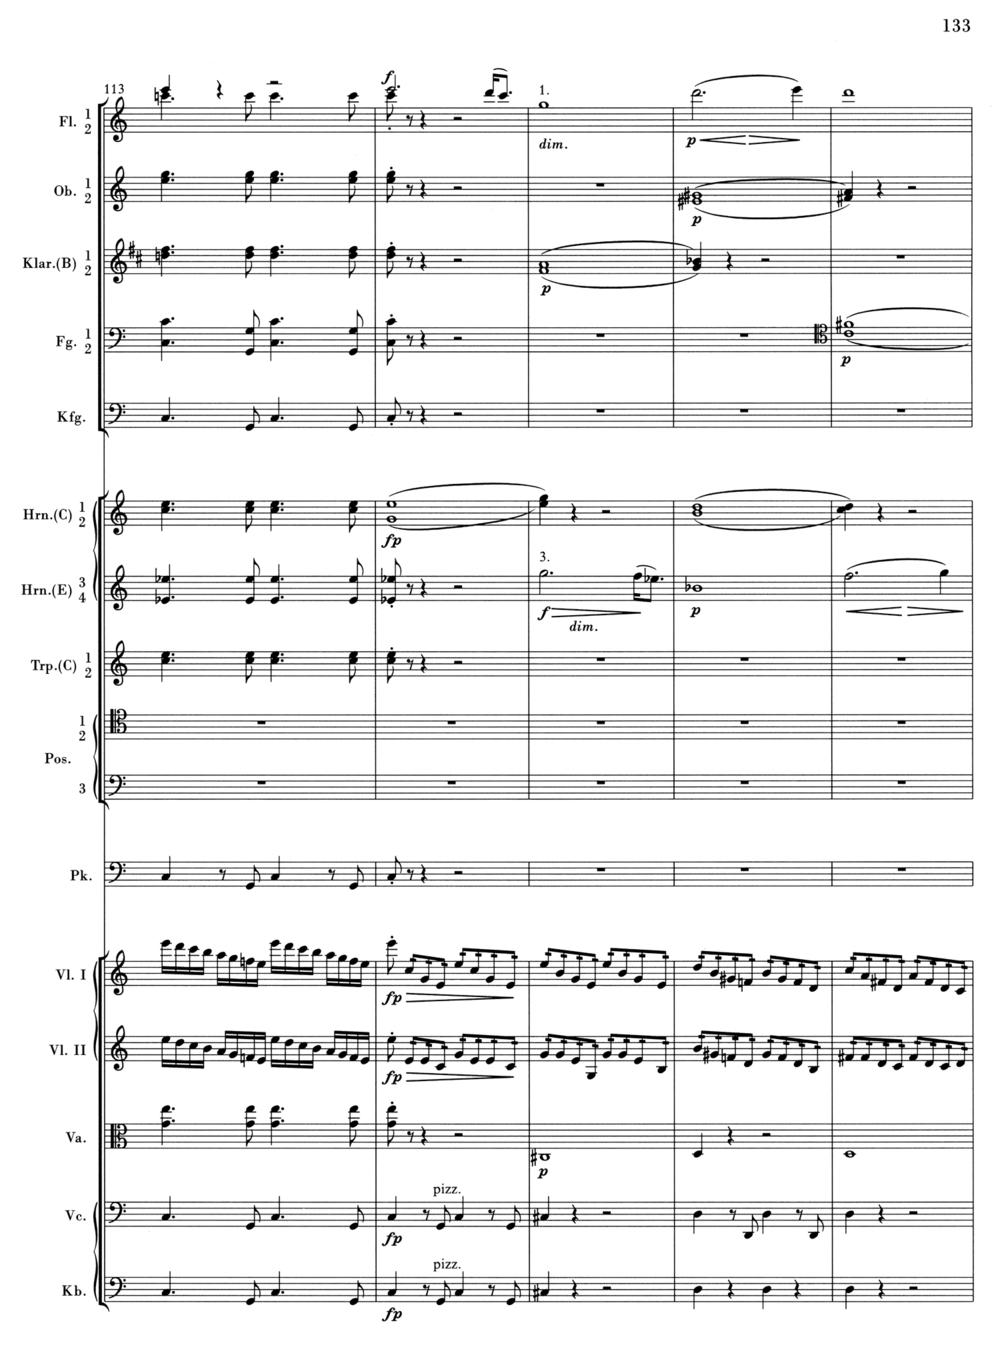 Brahms 1 Mvt 4 Score 5.jpg